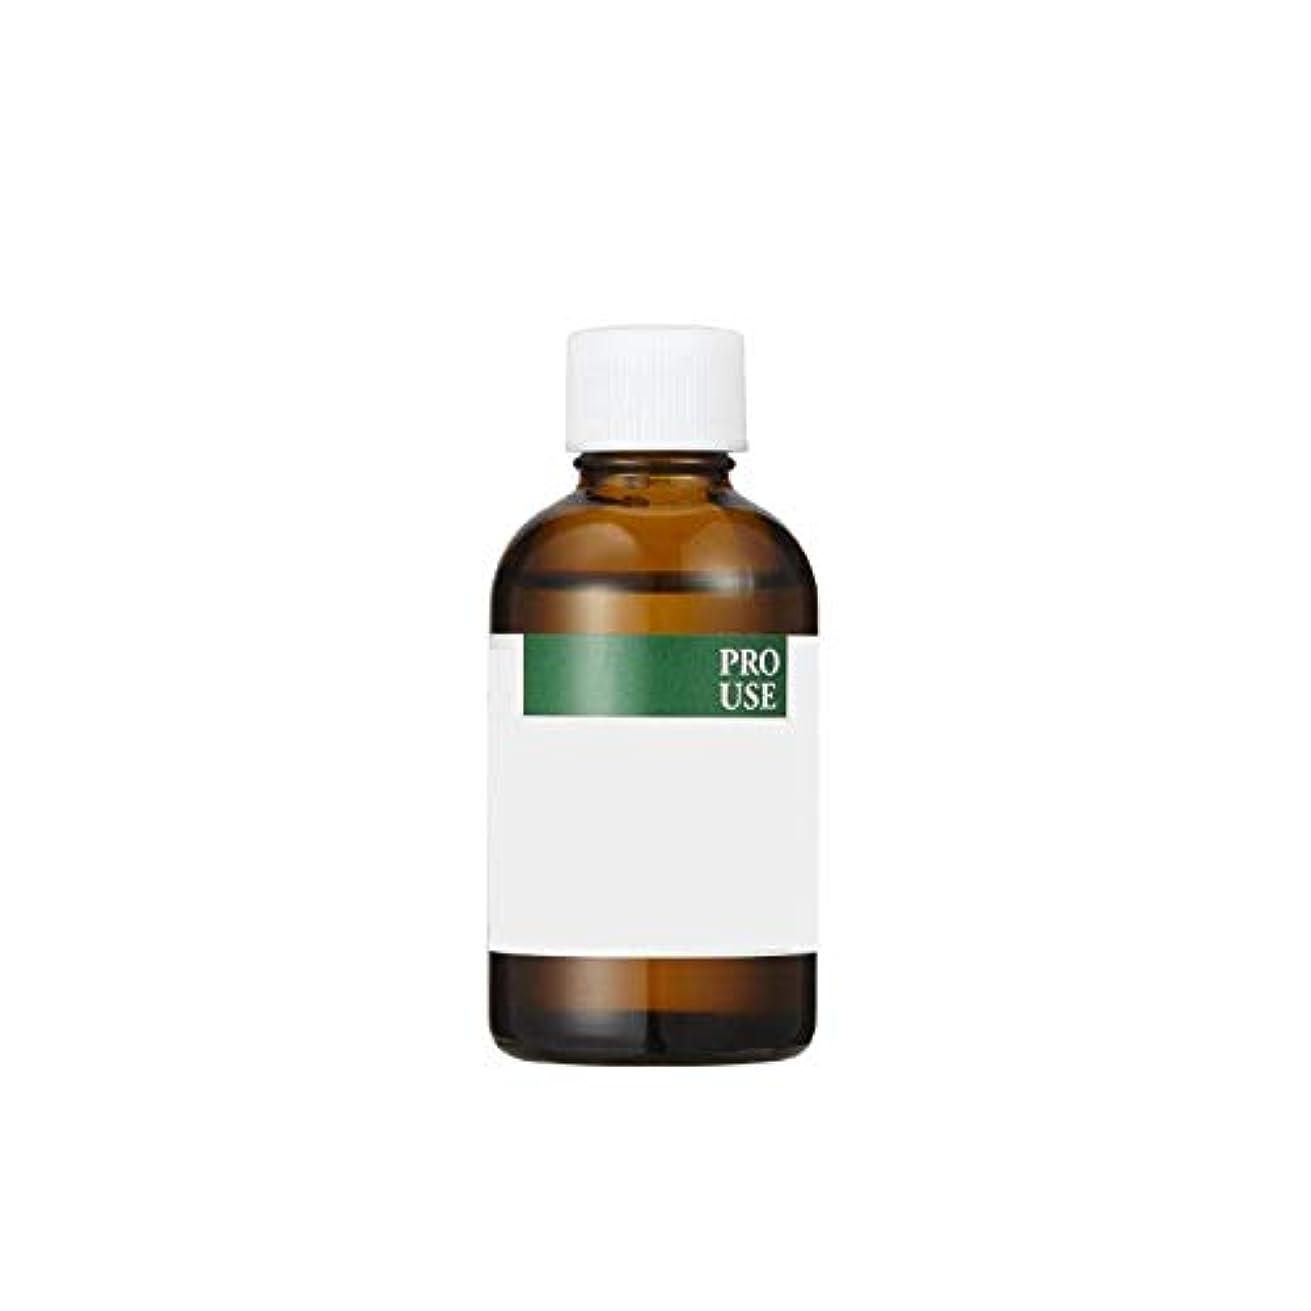 伝記明確にガイドライン生活の木 オークモスAbs.5%精油 50ml